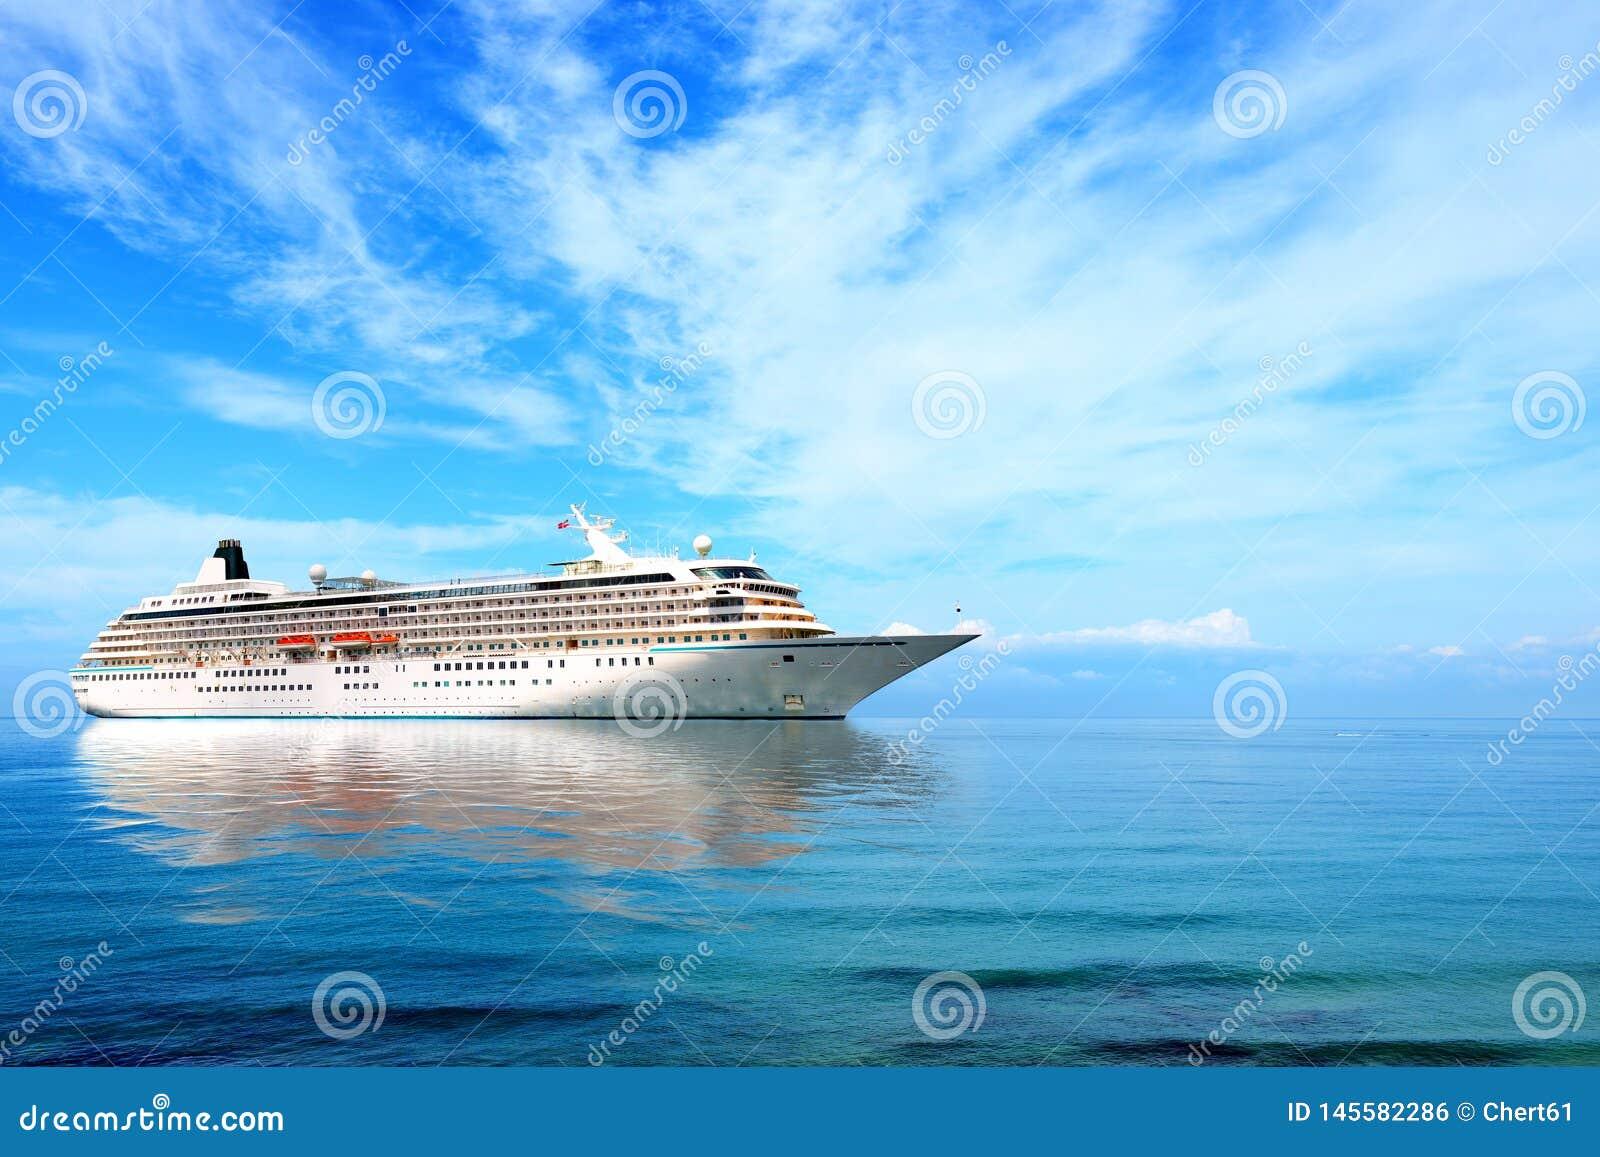 Big cruise liner moored in Mediterranean sea